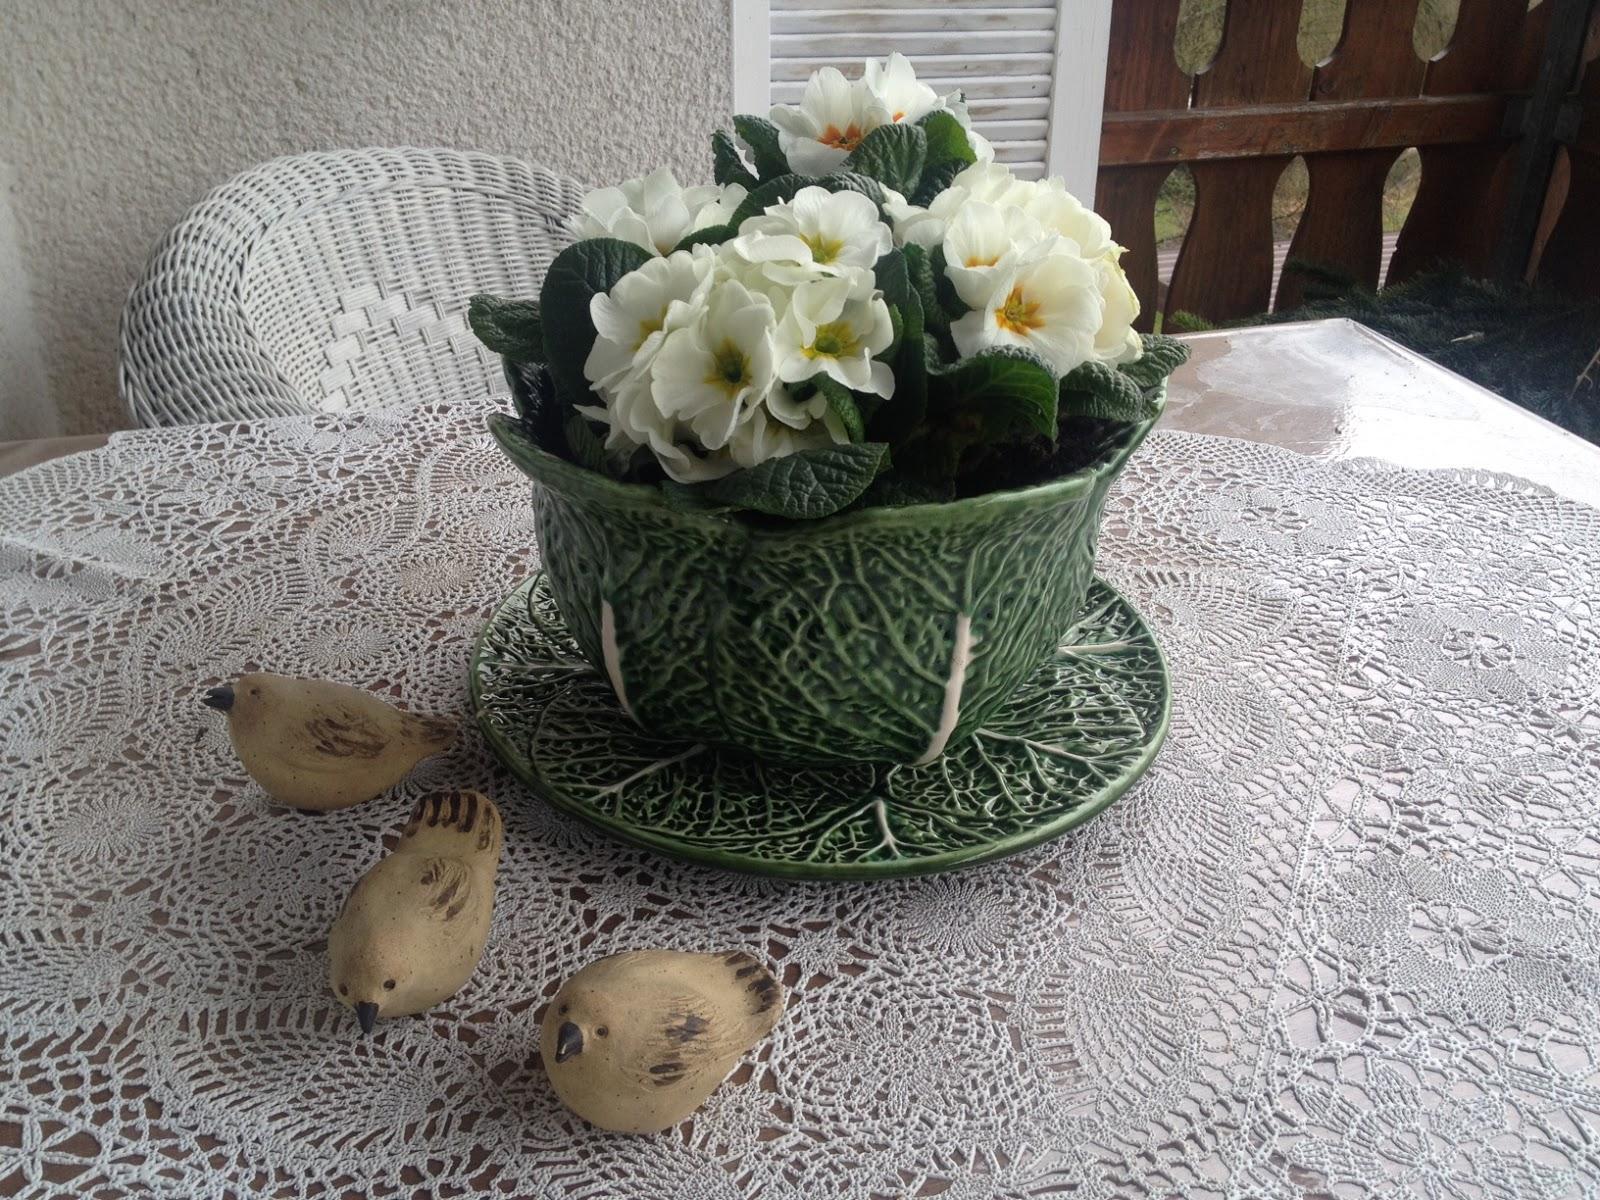 Gartendeko blog fr hling im suppentopf for Fruhling gartendeko